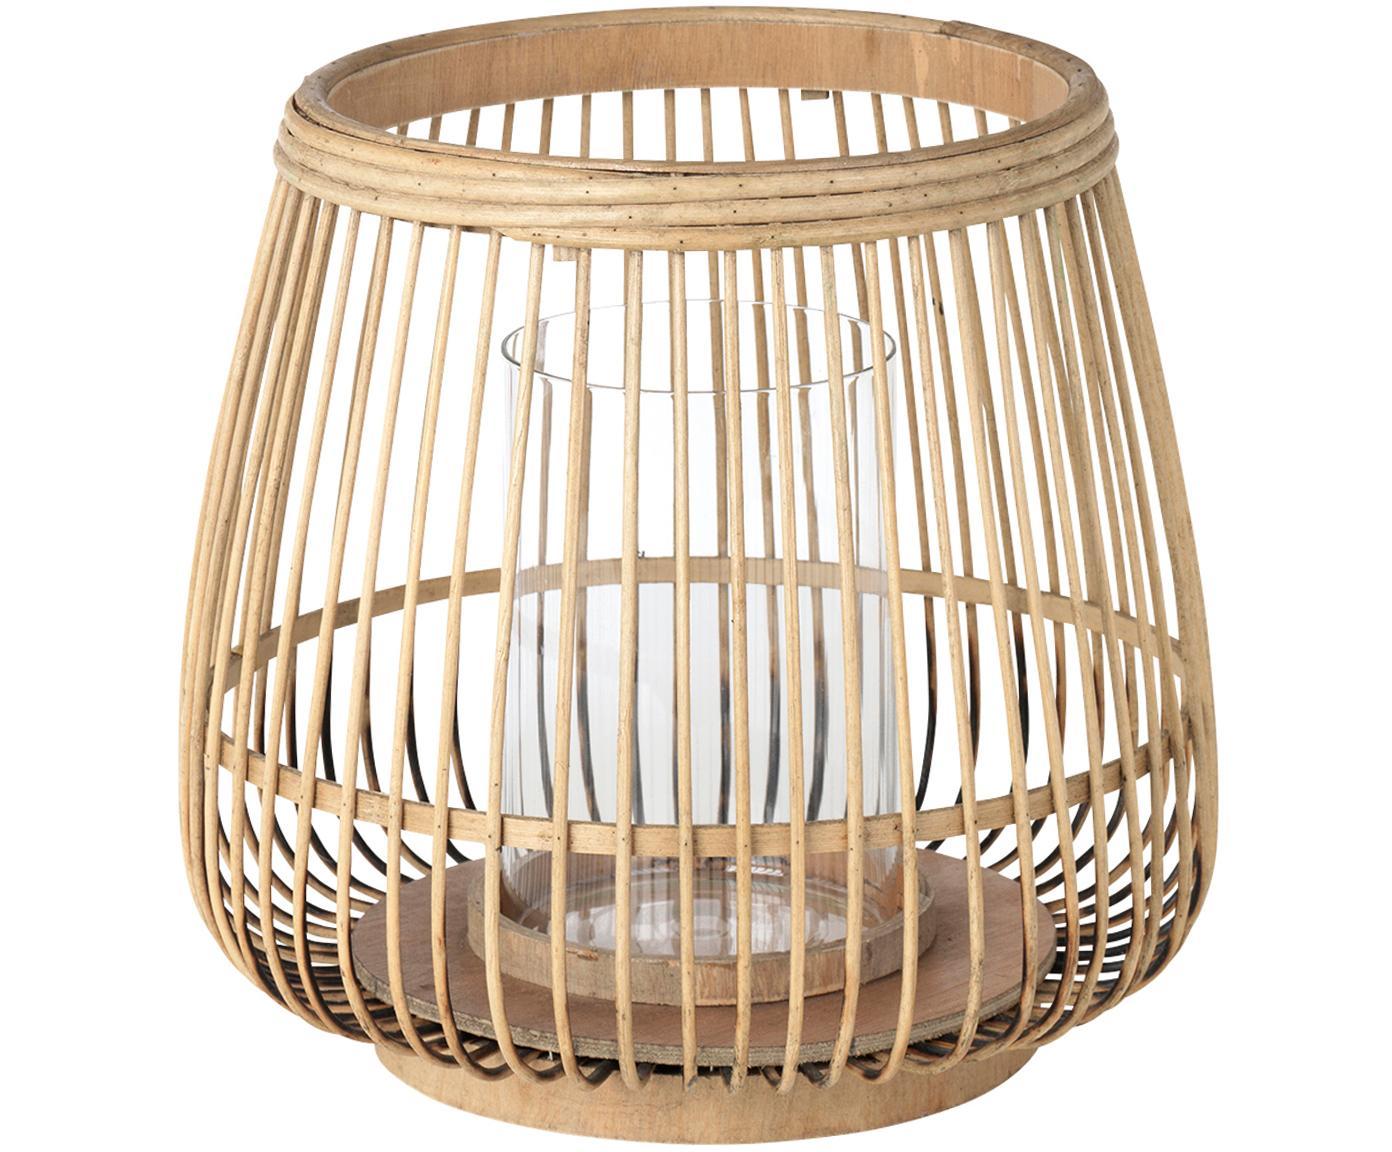 Świecznik Caits, Świecznik: jasny brązowy Cylinder: transparentny, Ø 31 x W 29 cm